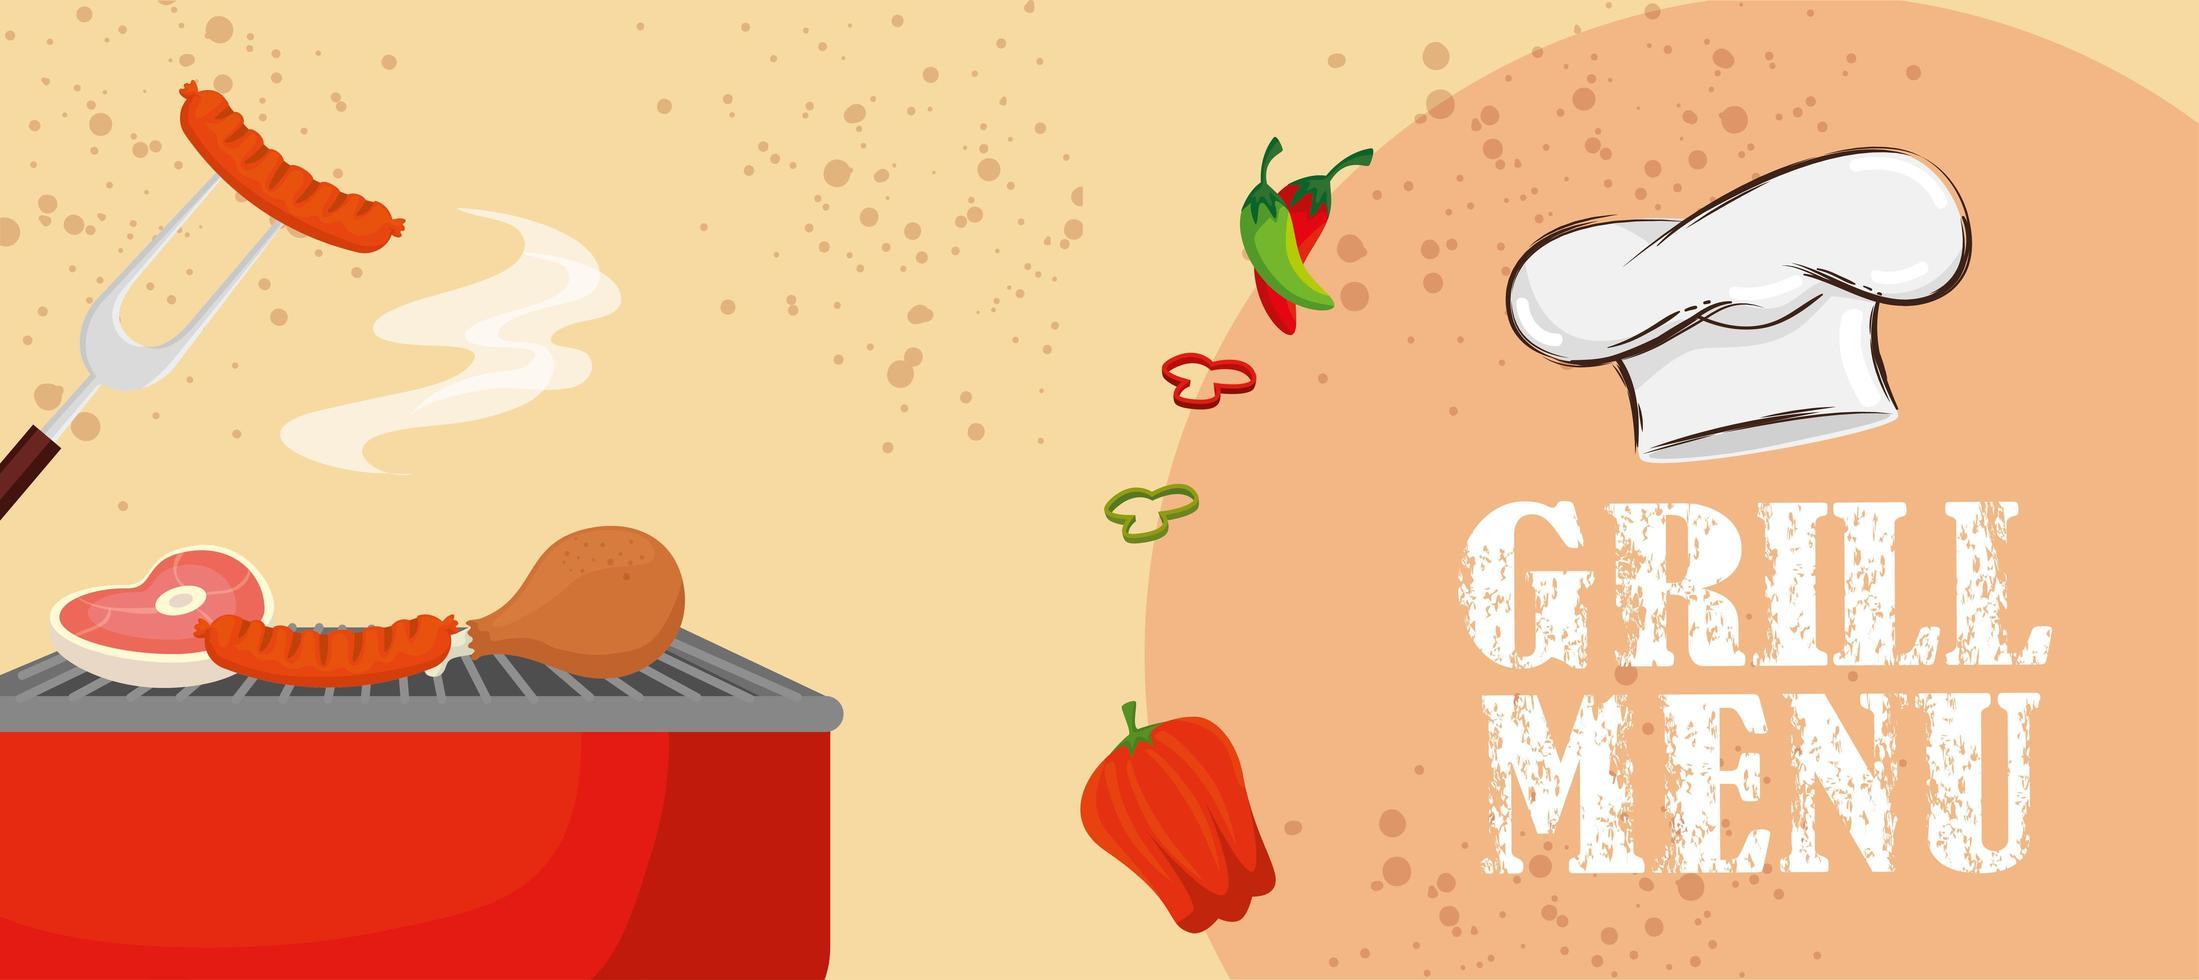 cardápio de grelhados com deliciosas comidas e verduras vetor